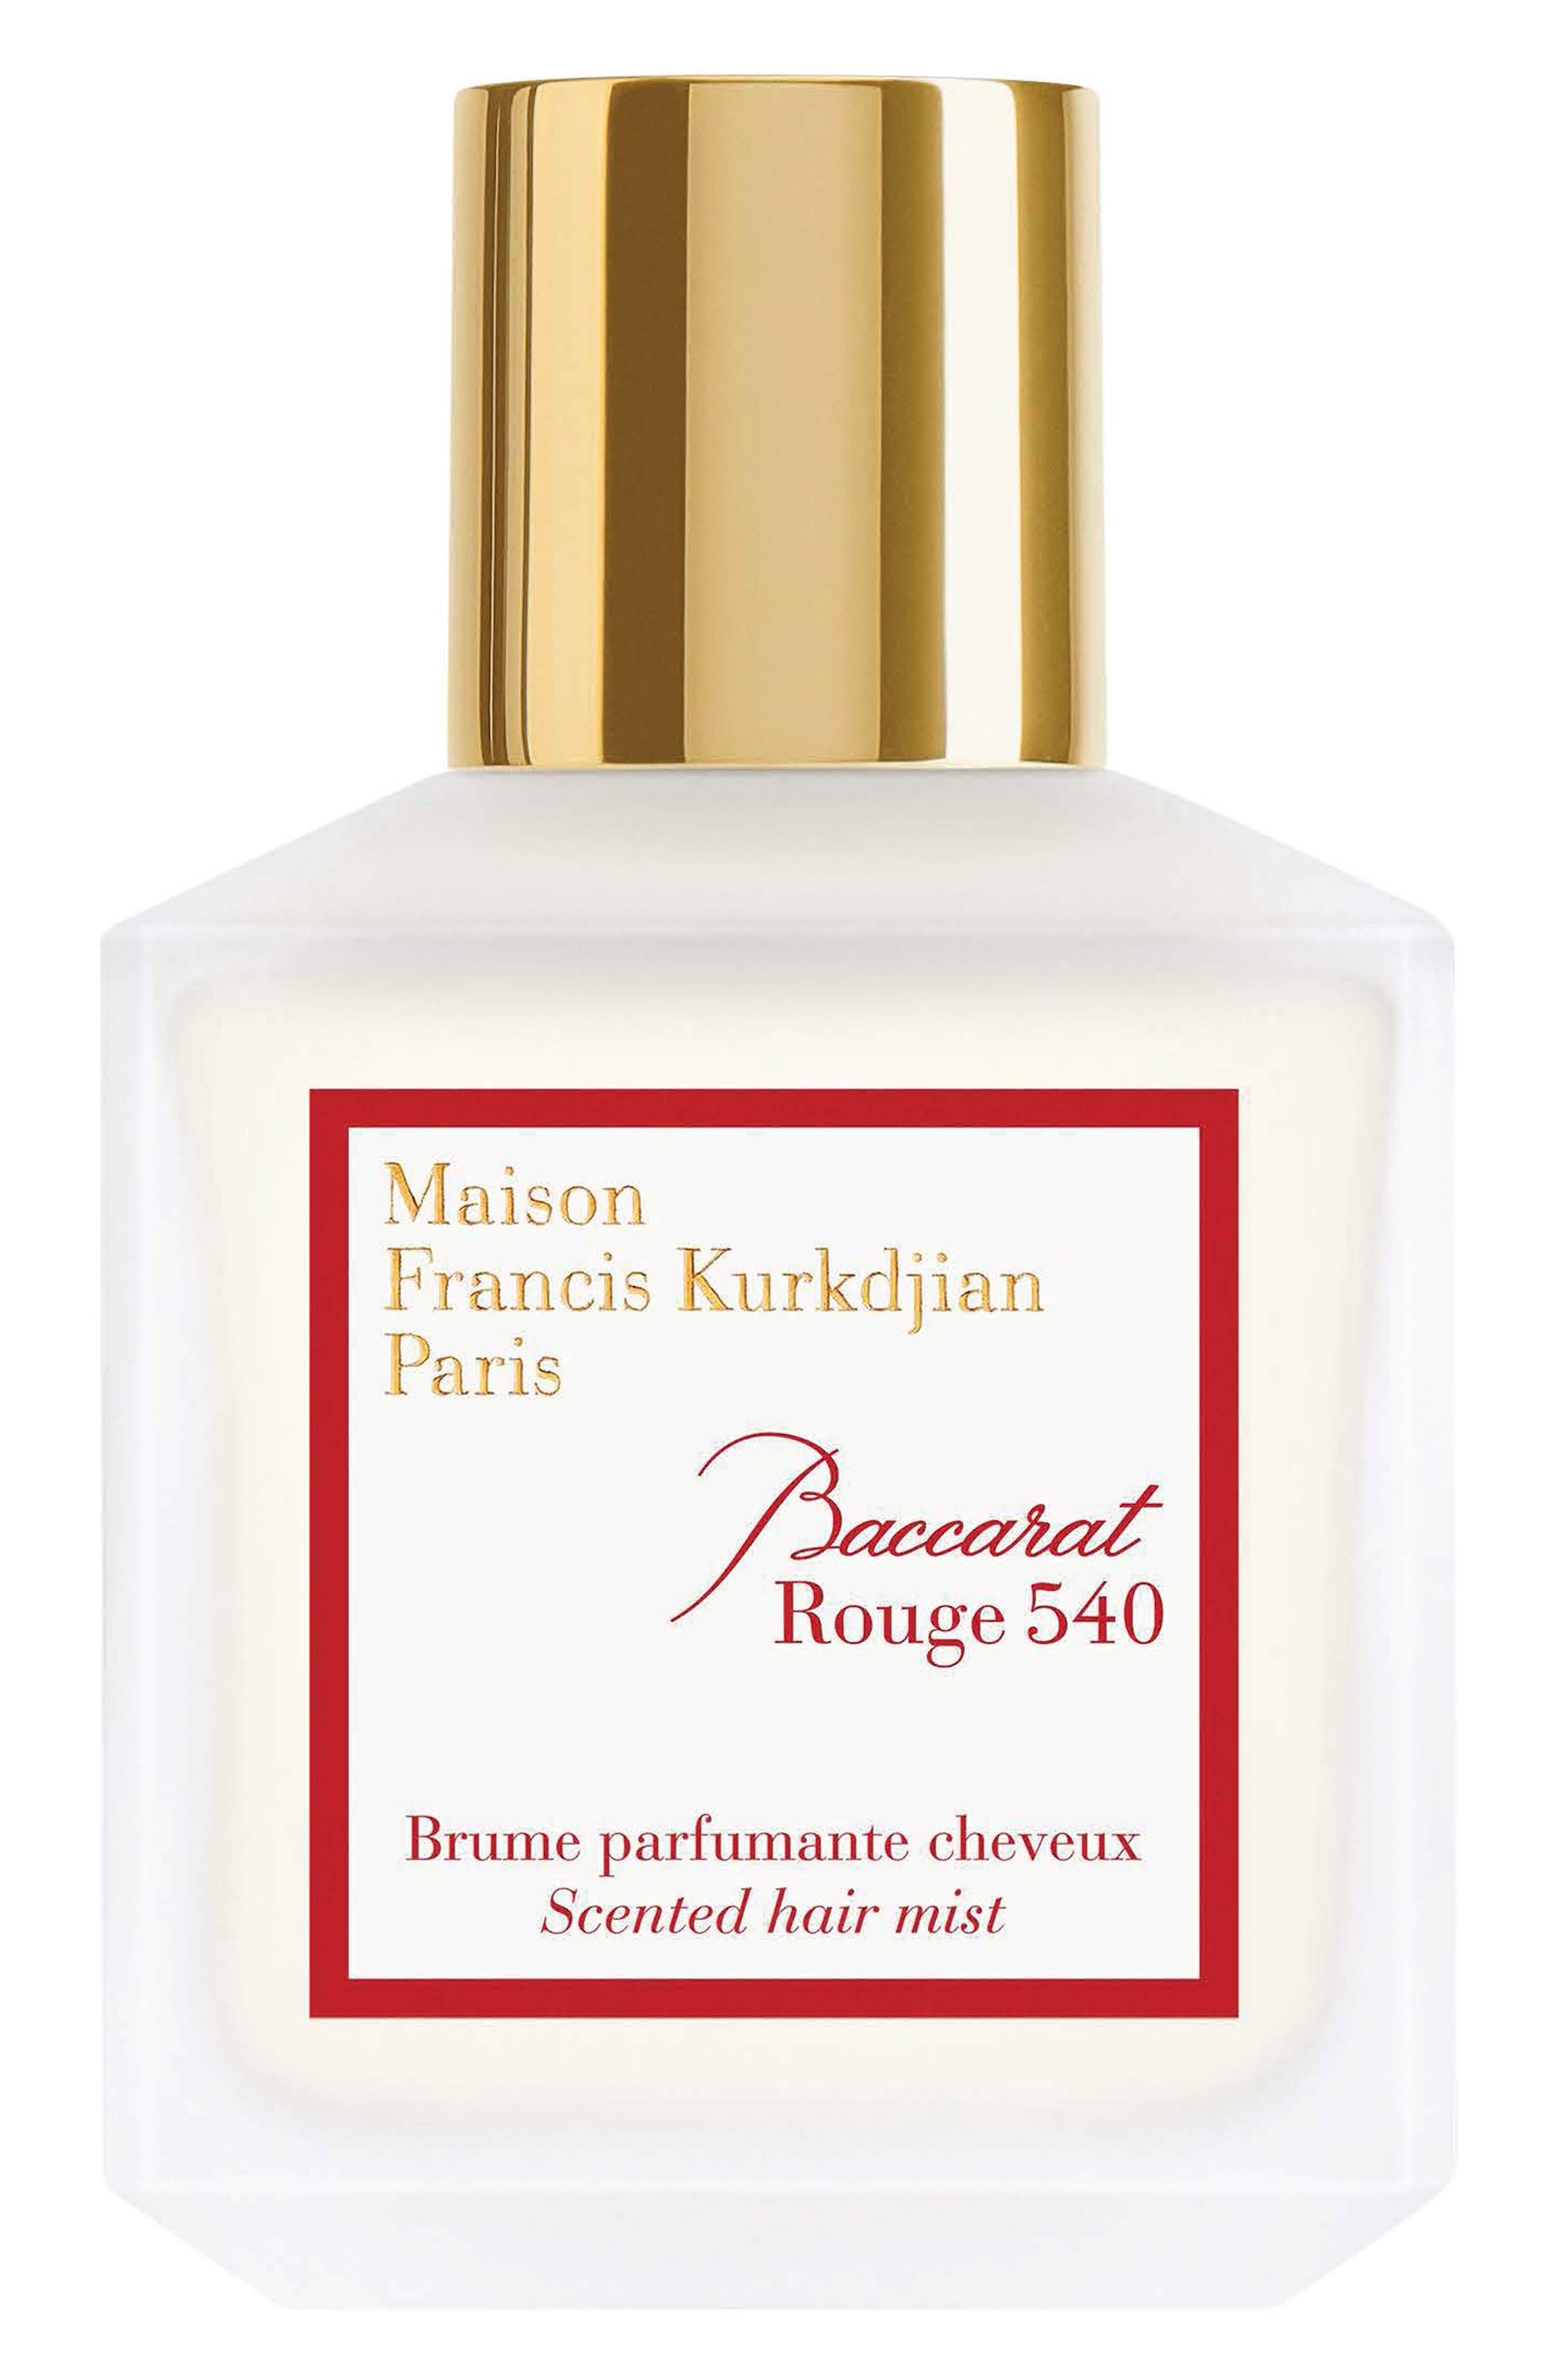 Paris Baccarat Rouge 540 Scented Hair Mist